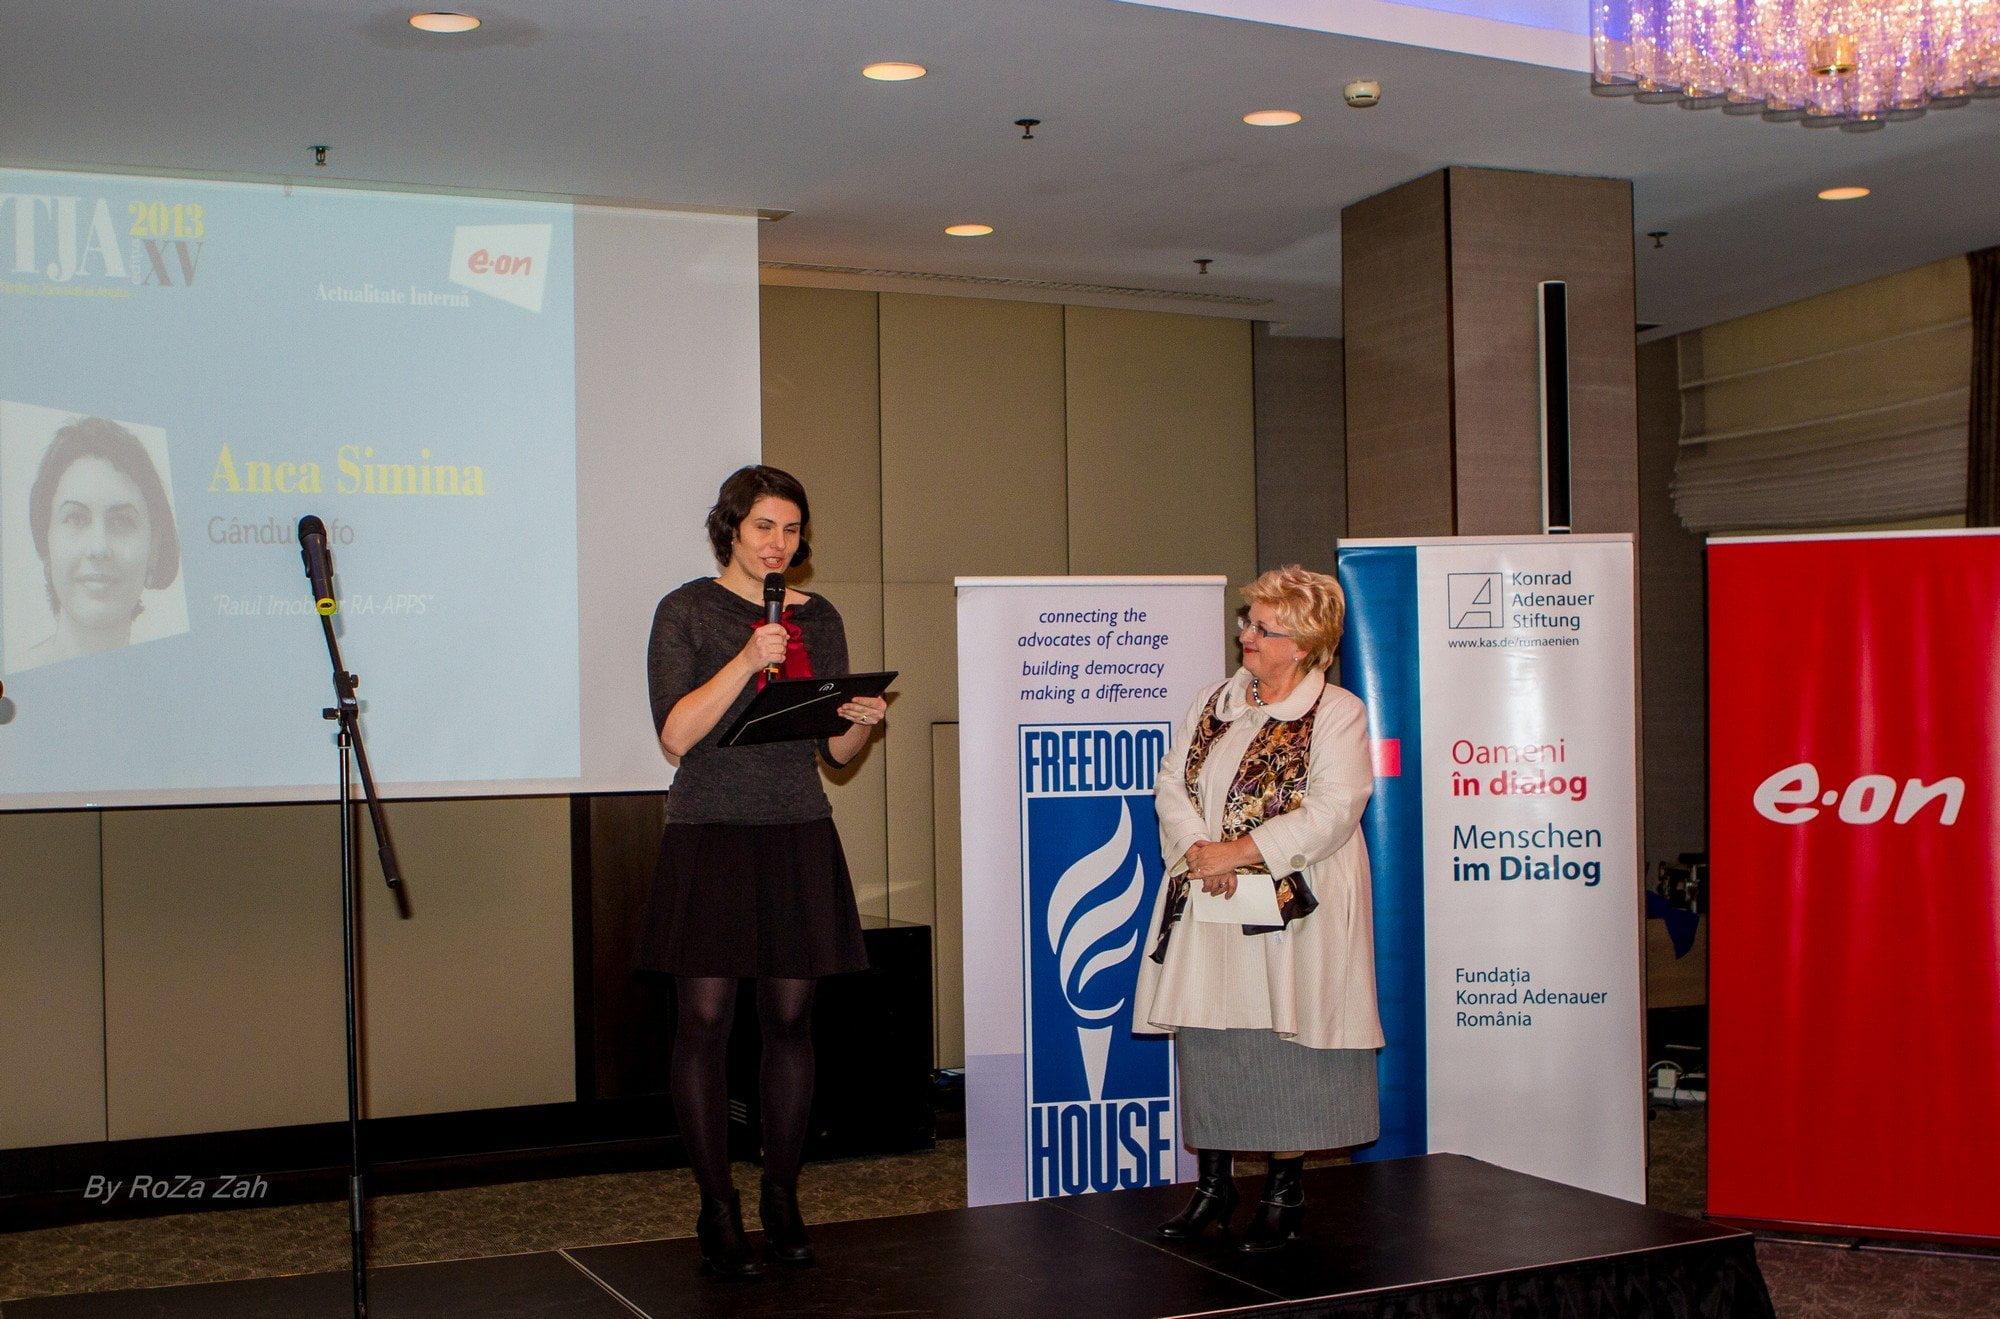 Anca Simina - Gândul.info - și Brîndușa Armanca, reprezentanta juriului la secțiunea Actualitate internă sponsorizată de E.ON România